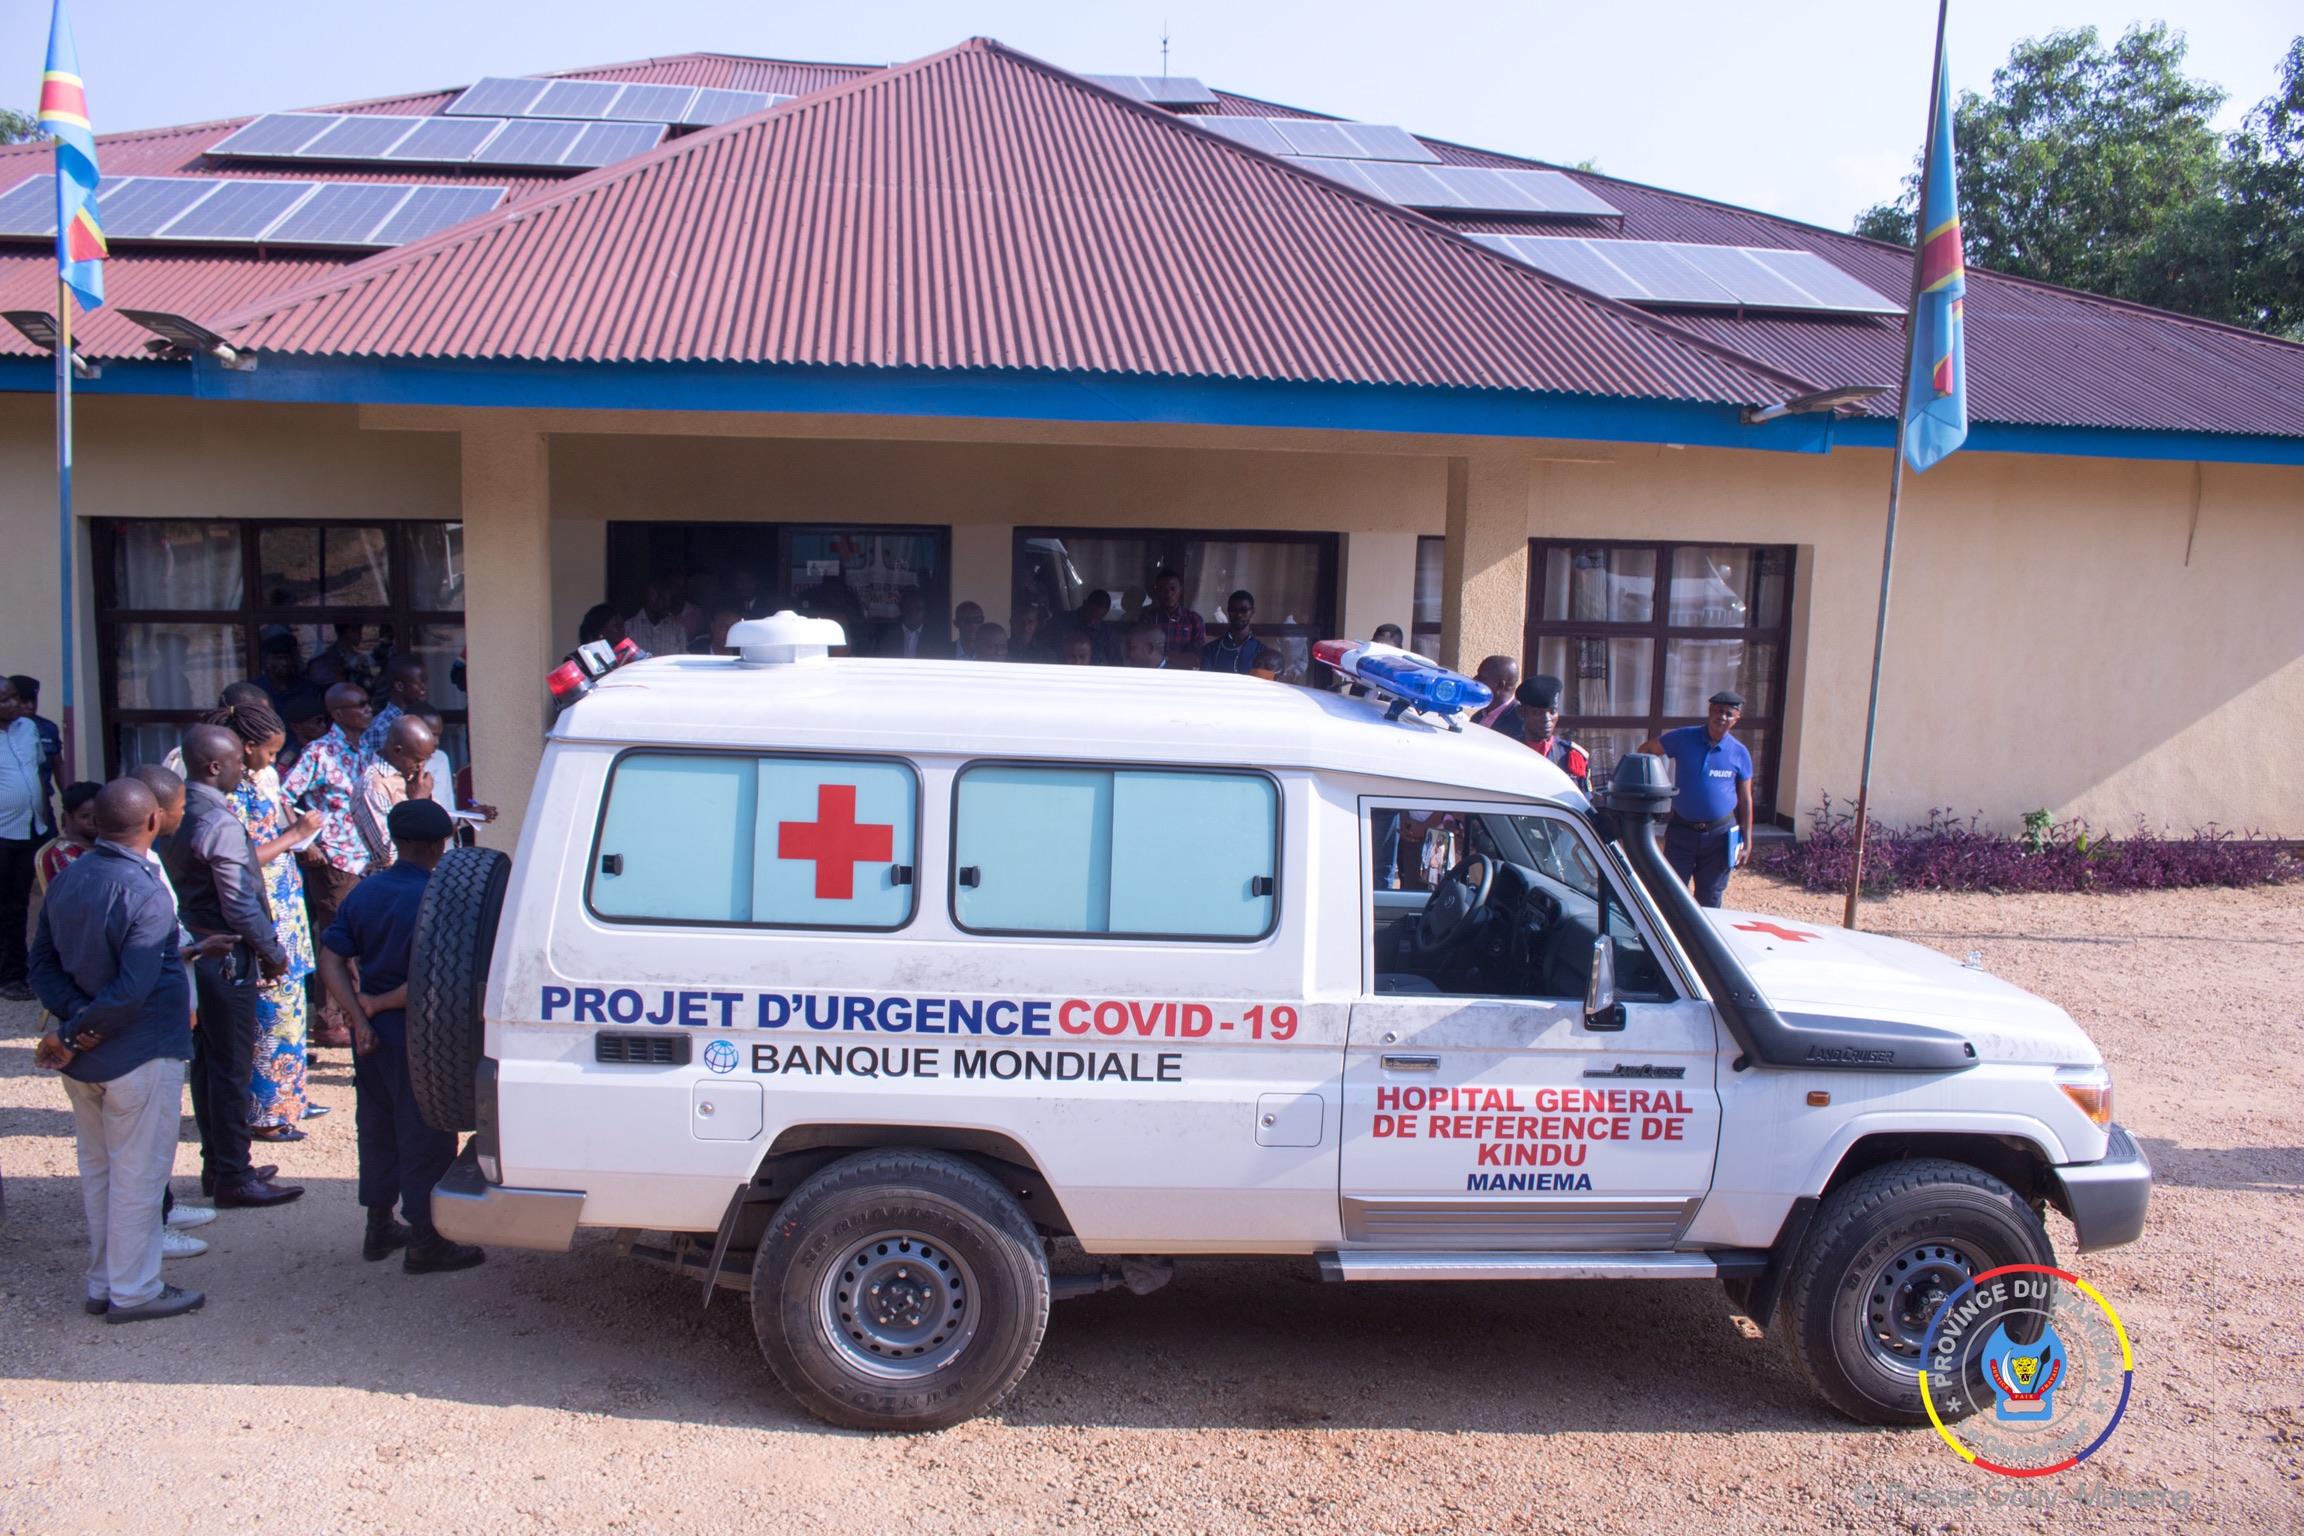 Coronavirus : une ambulance médicalisée pour l'hôpital général de Kindu